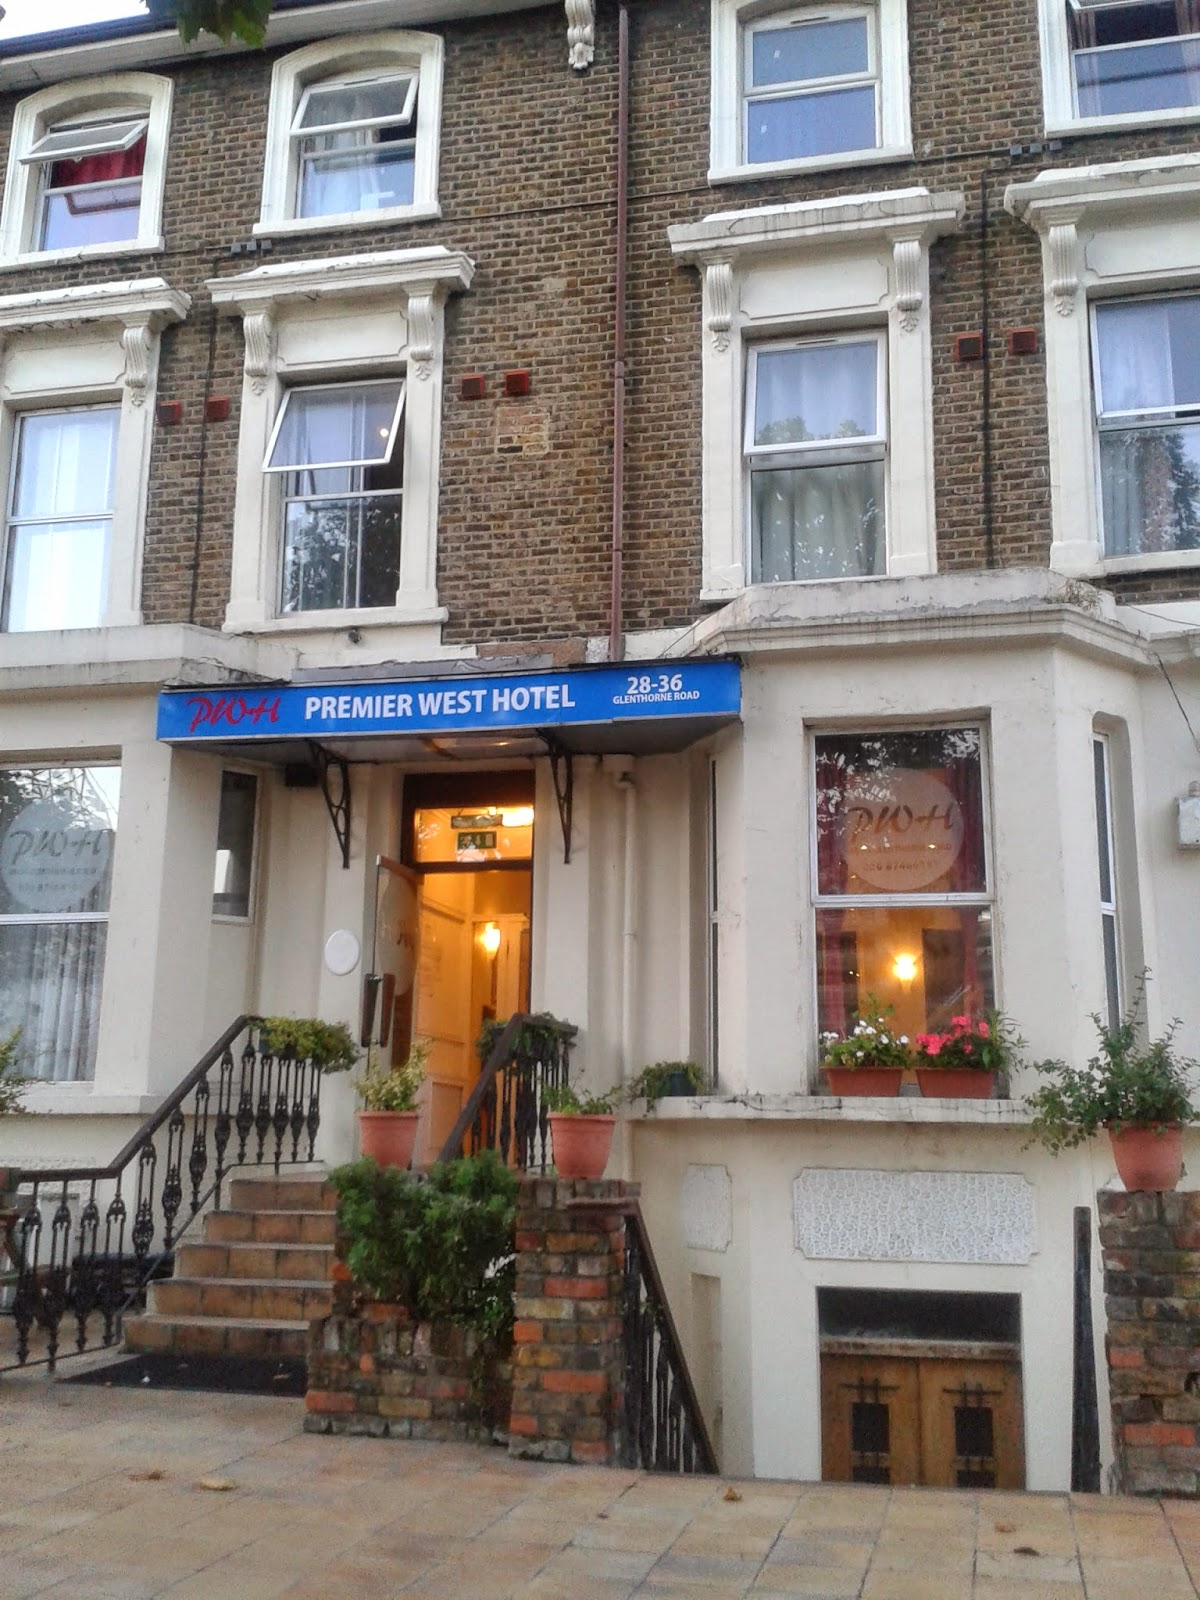 Premier West Hotel: alloggio economico a Londra in zona 2, fermata ...